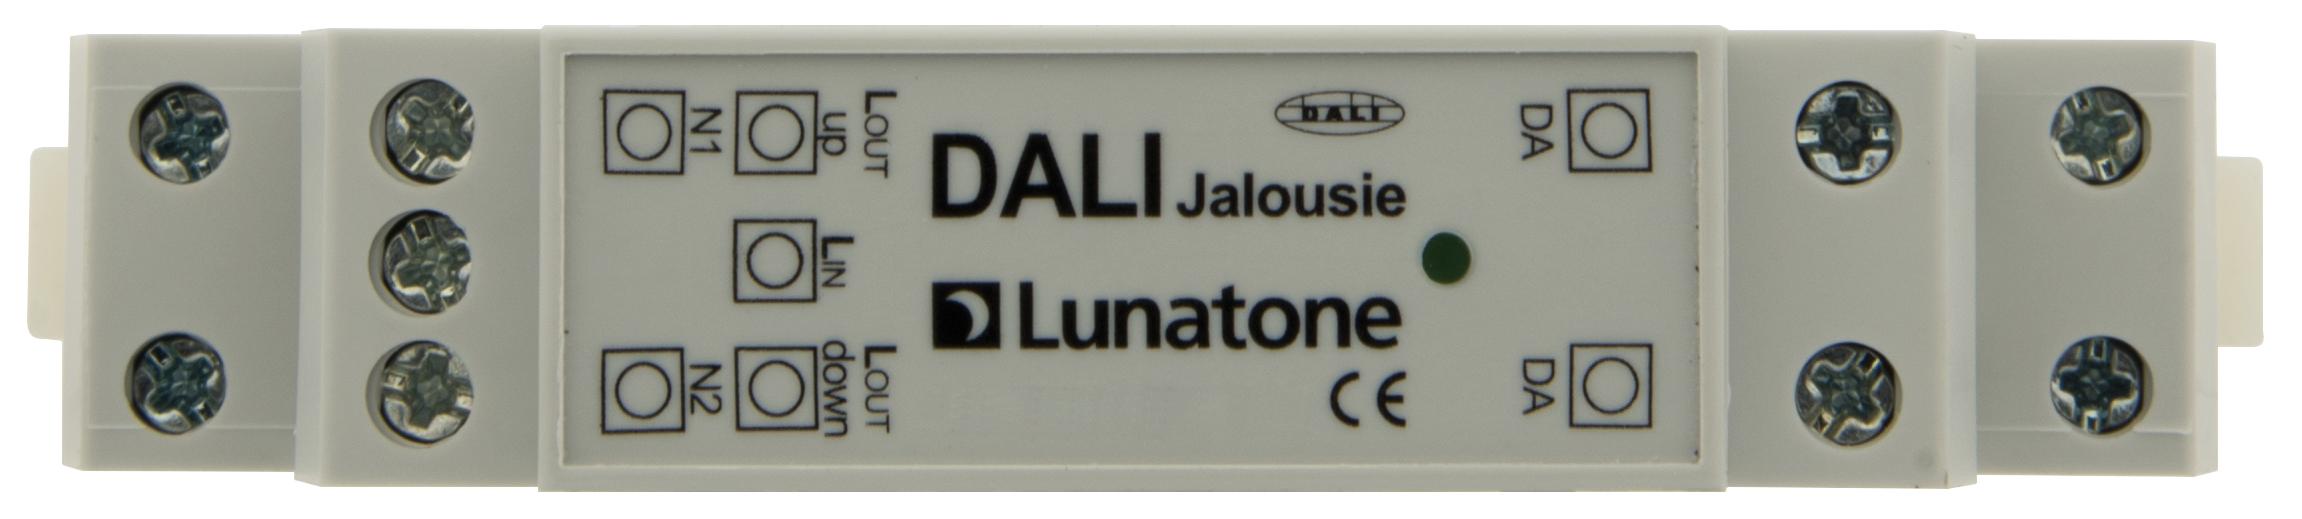 1 Stk DALI Jalousie Modul - Hutschienenmontage LILC004803